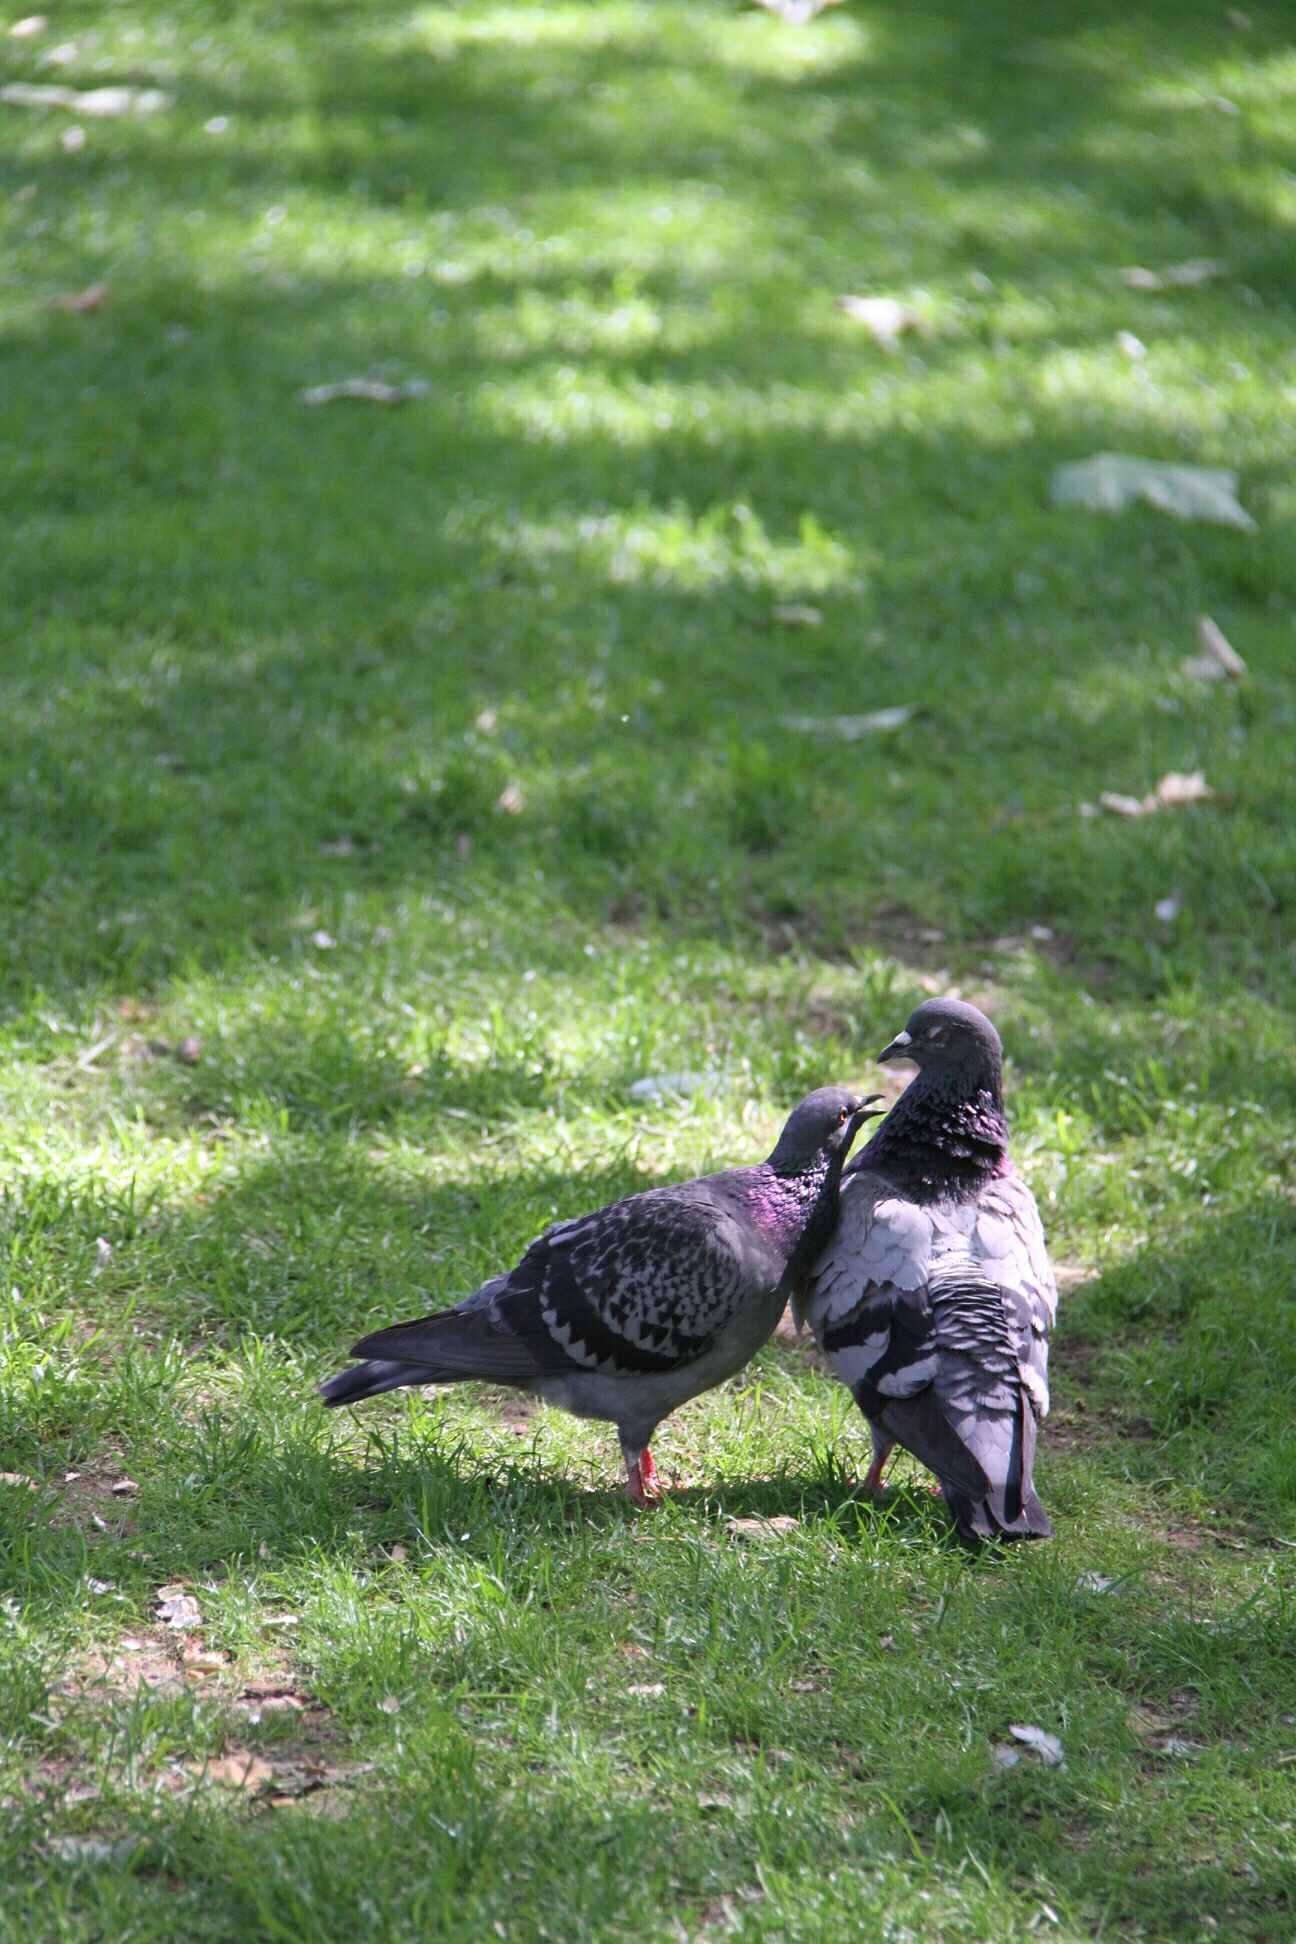 海德公园这块伦敦人的瑰宝在春夏秋冬各有不同景像:春天骑单车游园赏花、躺在草地上野餐、在Serpentine Lake喂天鹅鸭子;海德公园是伦敦最知名的公园。 海德公园是英国最大的皇家公园。位于伦敦市中心的威斯敏斯特教堂地区,占地360多英亩,原属威斯敏斯特教堂产业。十八世纪前这里是英王的狩鹿场。16世纪,英王亨利八世将之用作王室的公园。查理一世执政期间,海德公园曾向公众开放。夏天举办British Summer Time音乐节摇滚一番,在园中练习滑板骑马跑步;秋天看